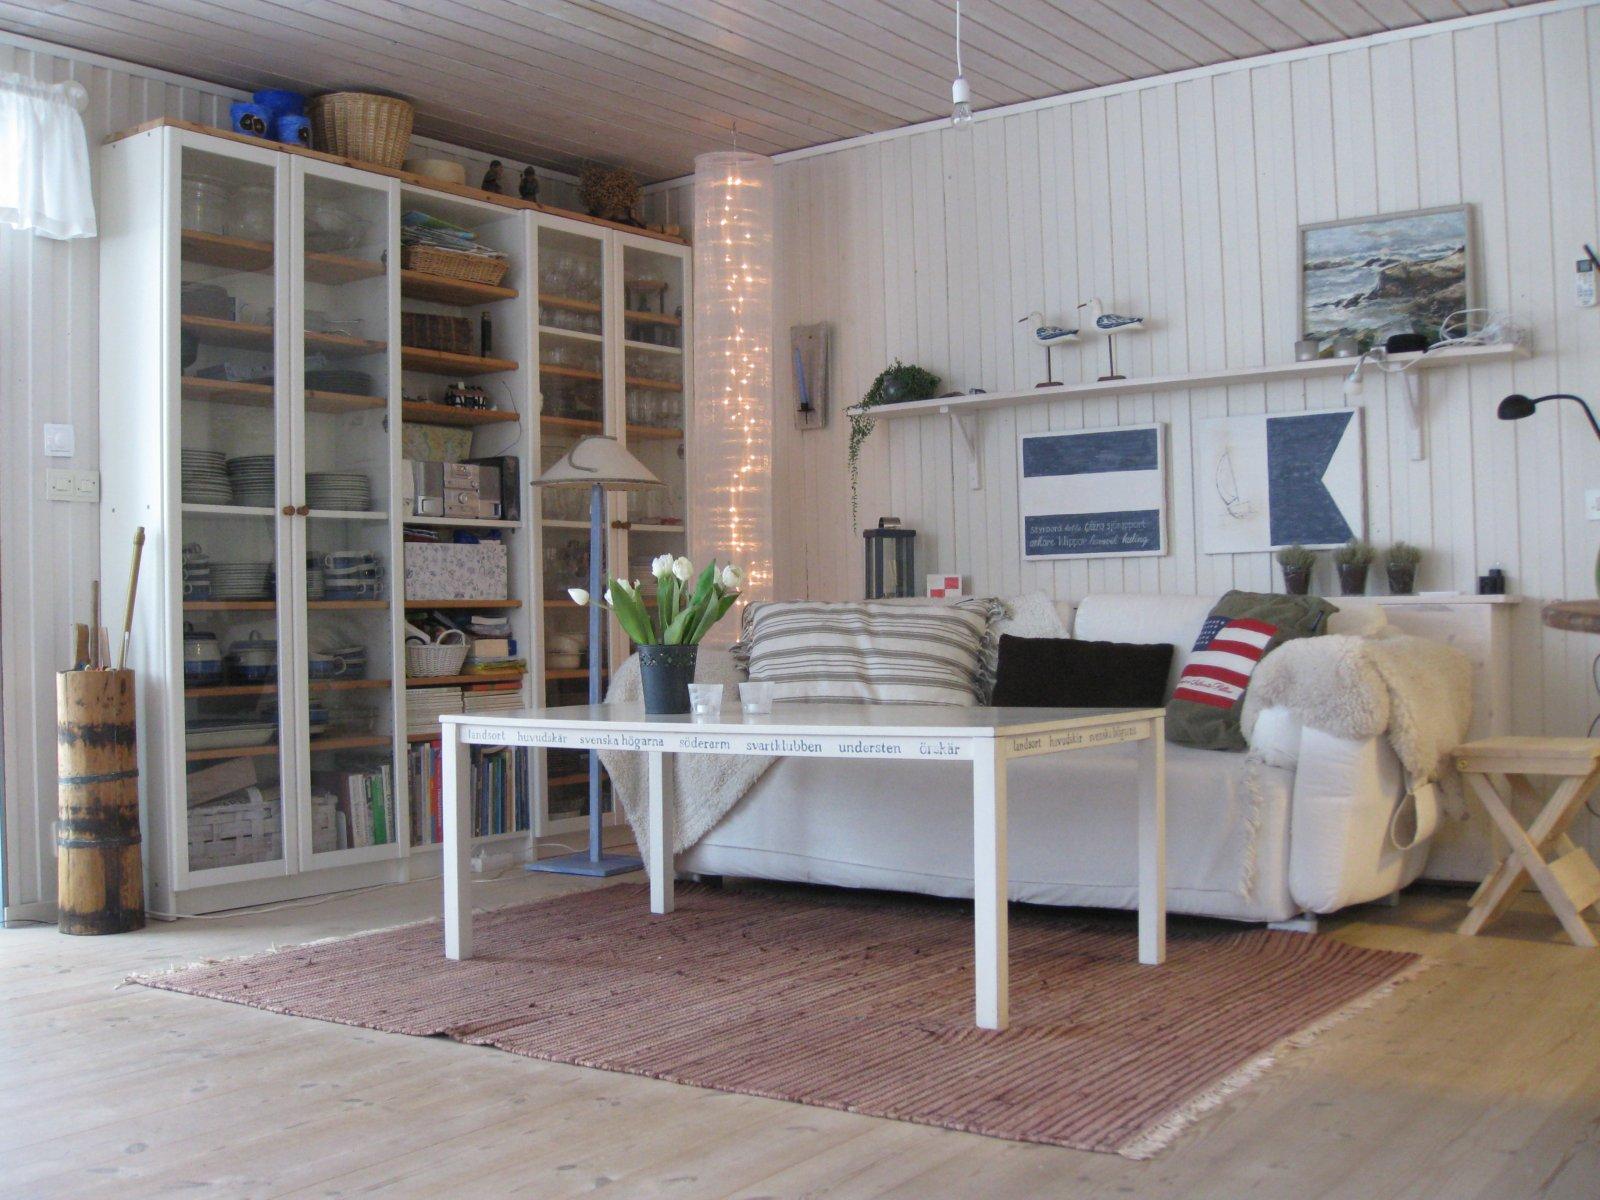 Mycket annat & lite betong: vardagsrum